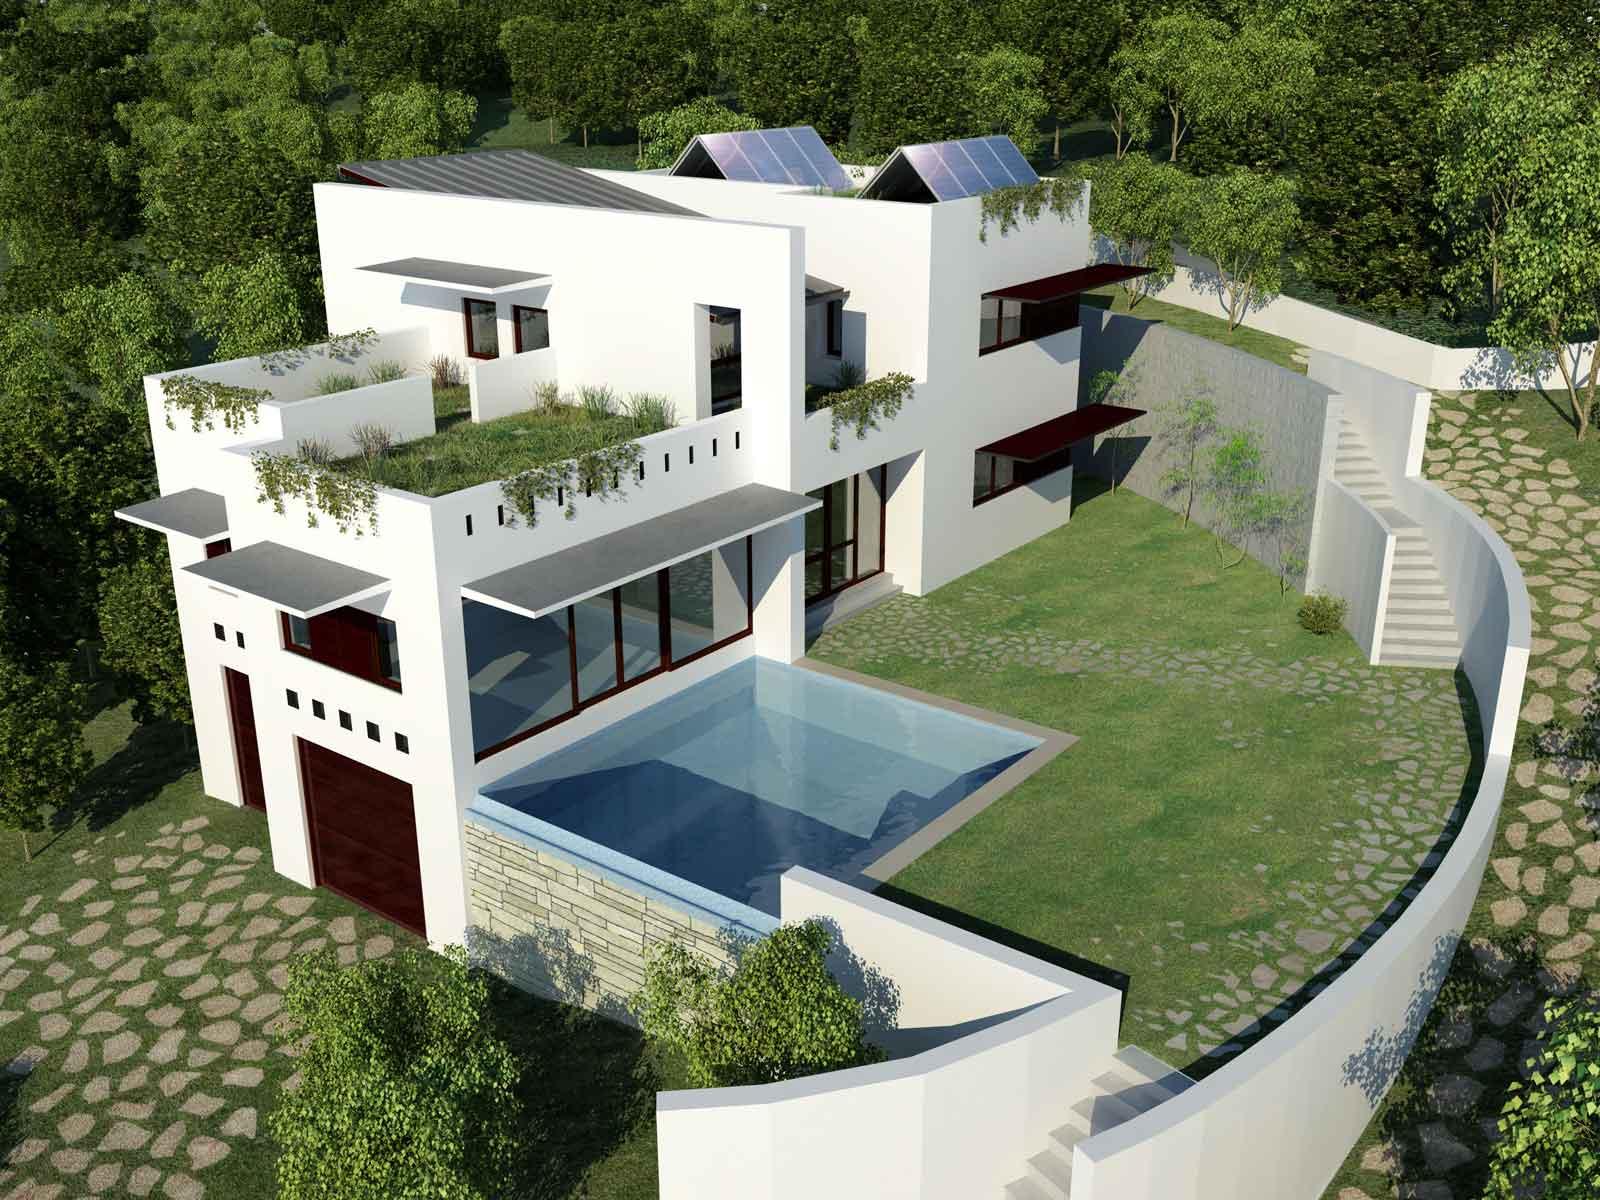 2005 pavon eco house luis de garrido - Proyectos de casas ...